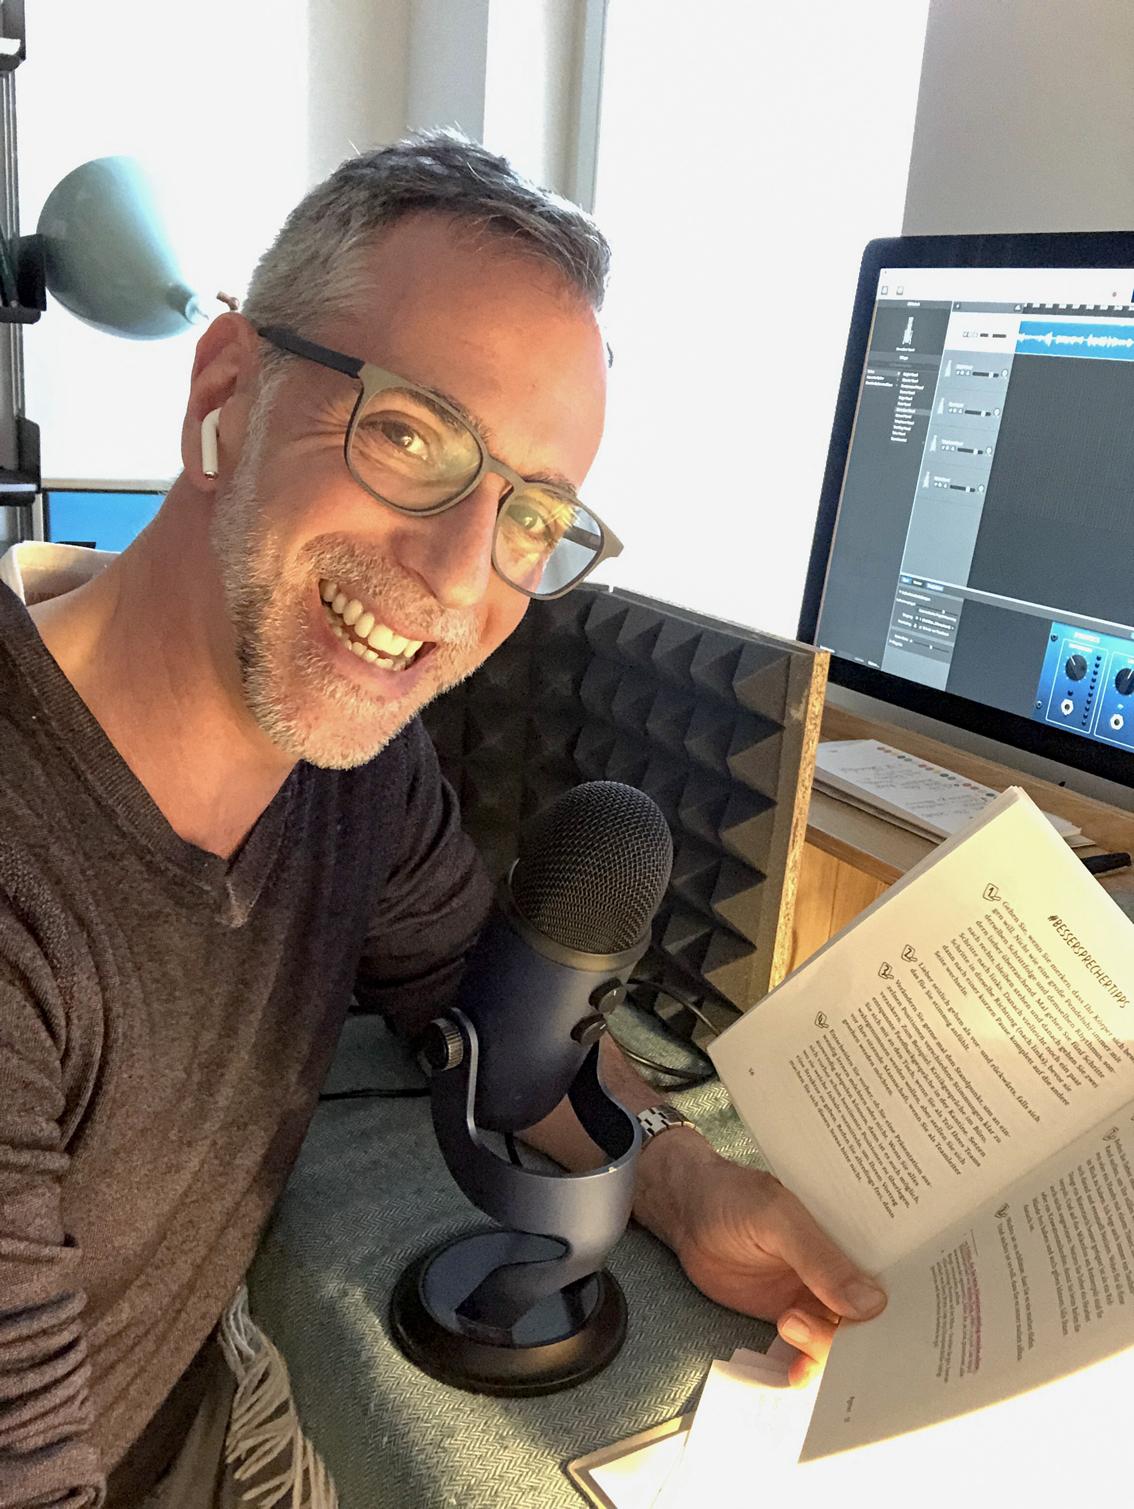 Markus Mikro Podcast klein - Bessere Fragen und gute Antworten im Interview #17 Markus Tirok